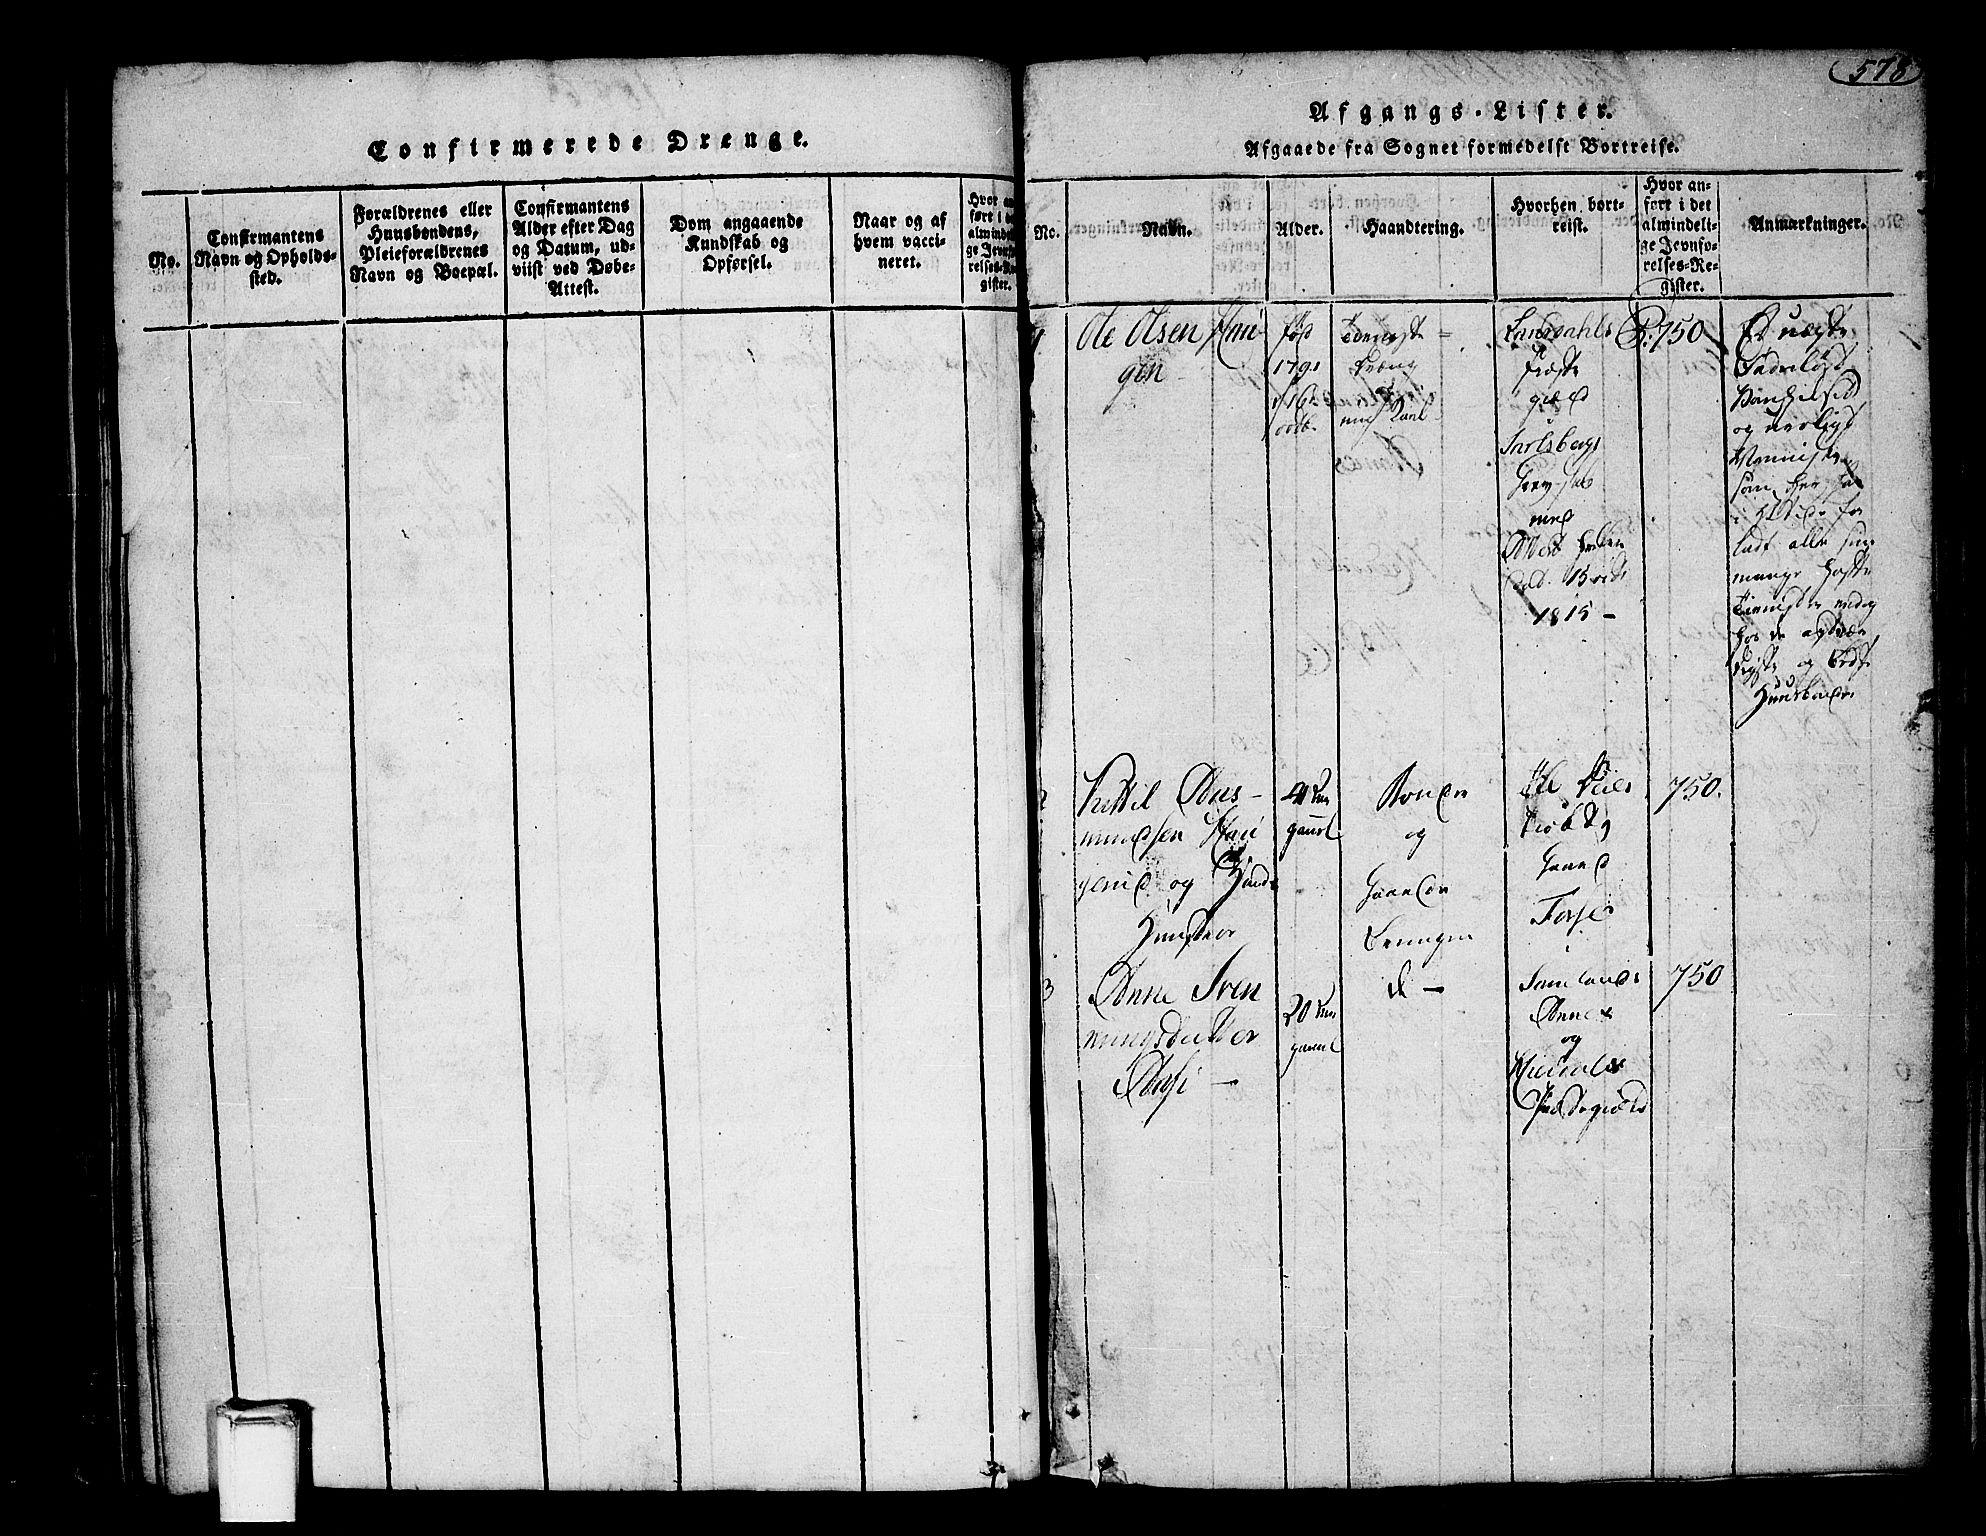 SAKO, Heddal kirkebøker, F/Fa/L0005: Ministerialbok nr. I 5, 1814-1837, s. 577-578